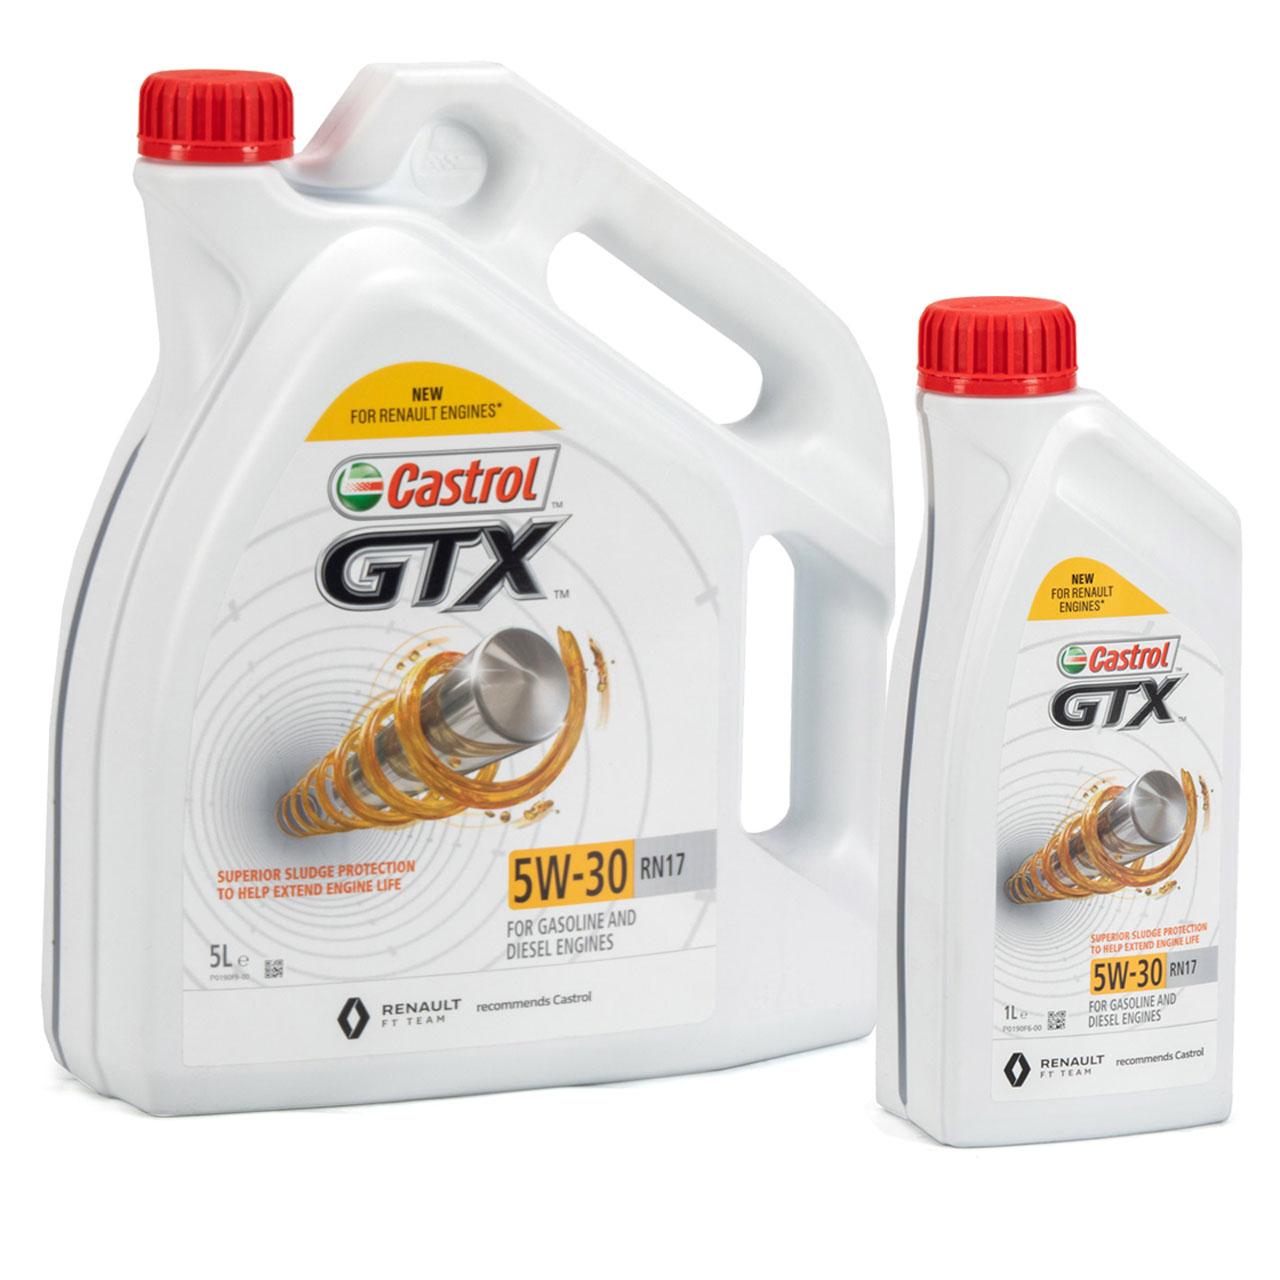 CASTROL Motoröl Öl GTX 5W-30 5W30 RN17 ACEA C3 für Renault - 6L 6 Liter